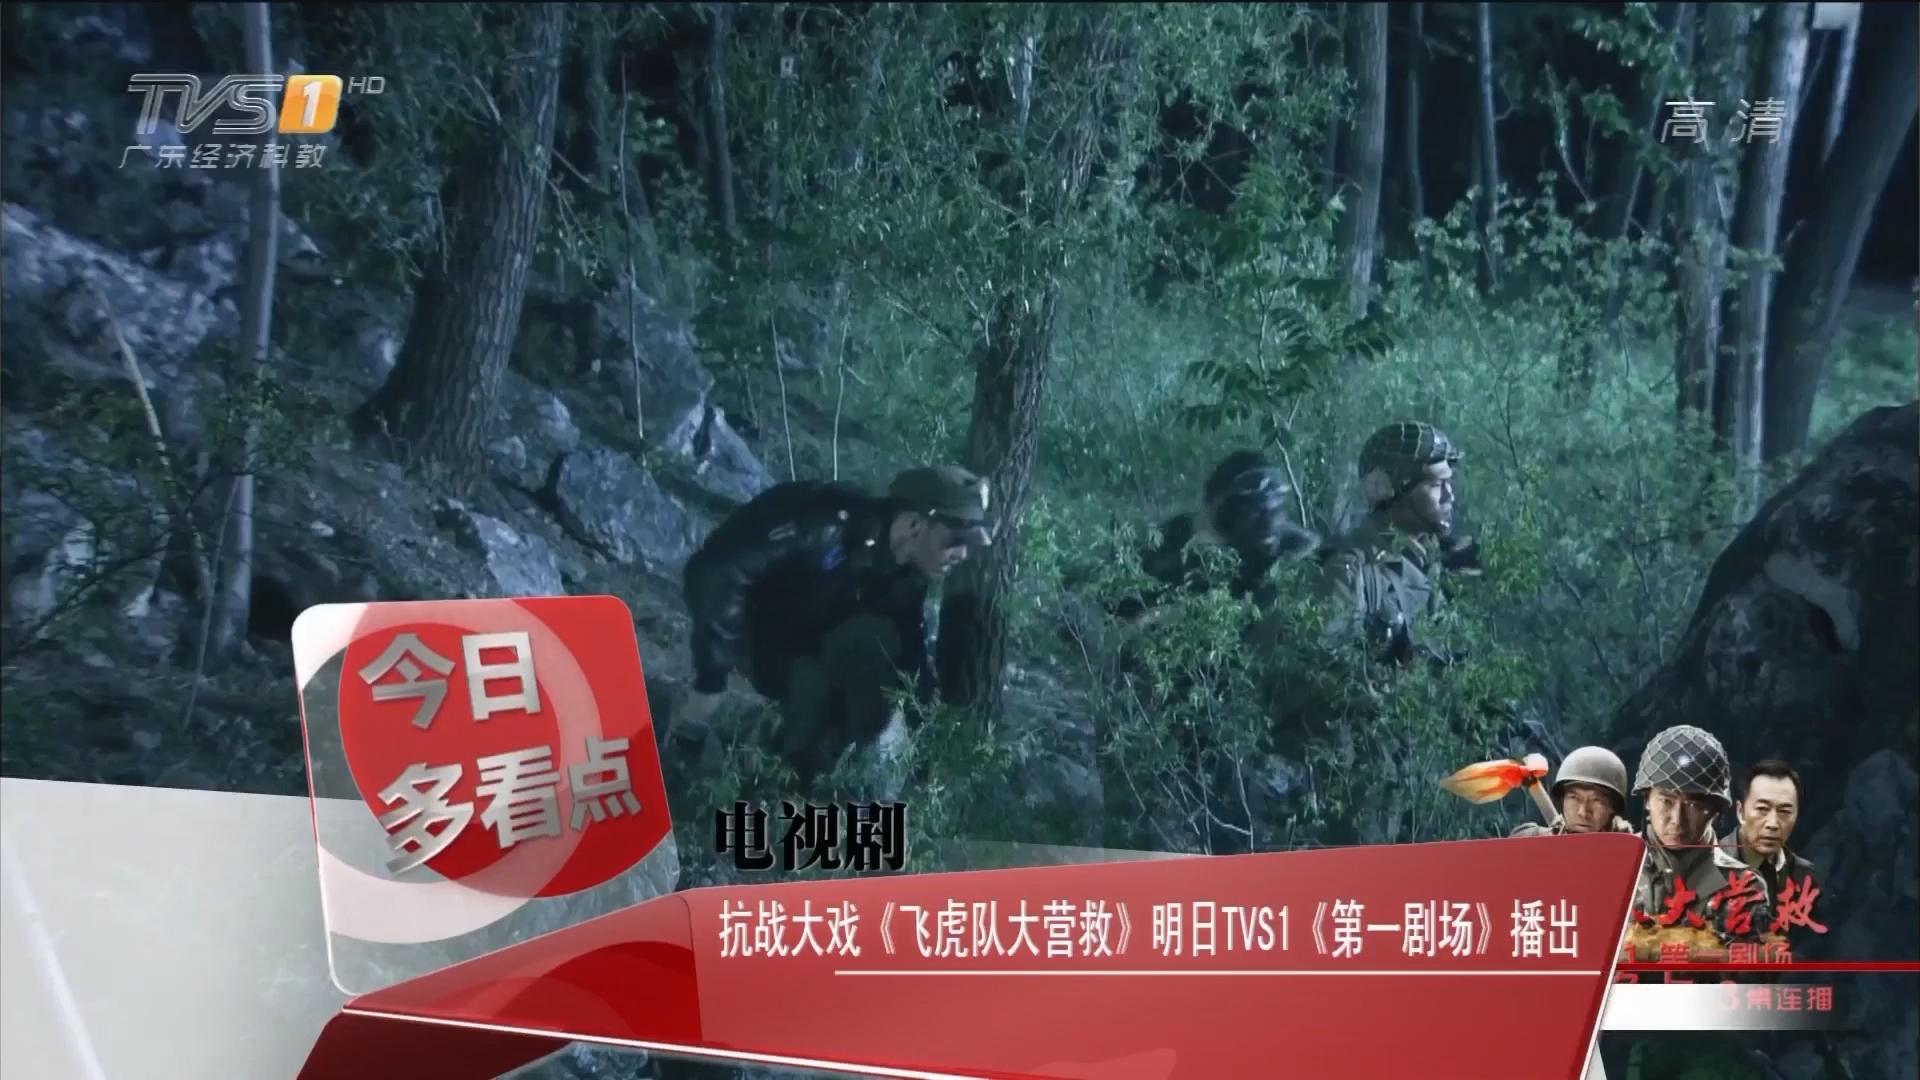 电视剧:抗战大戏《飞虎队大营救》明日TVS1《第一剧场》播出